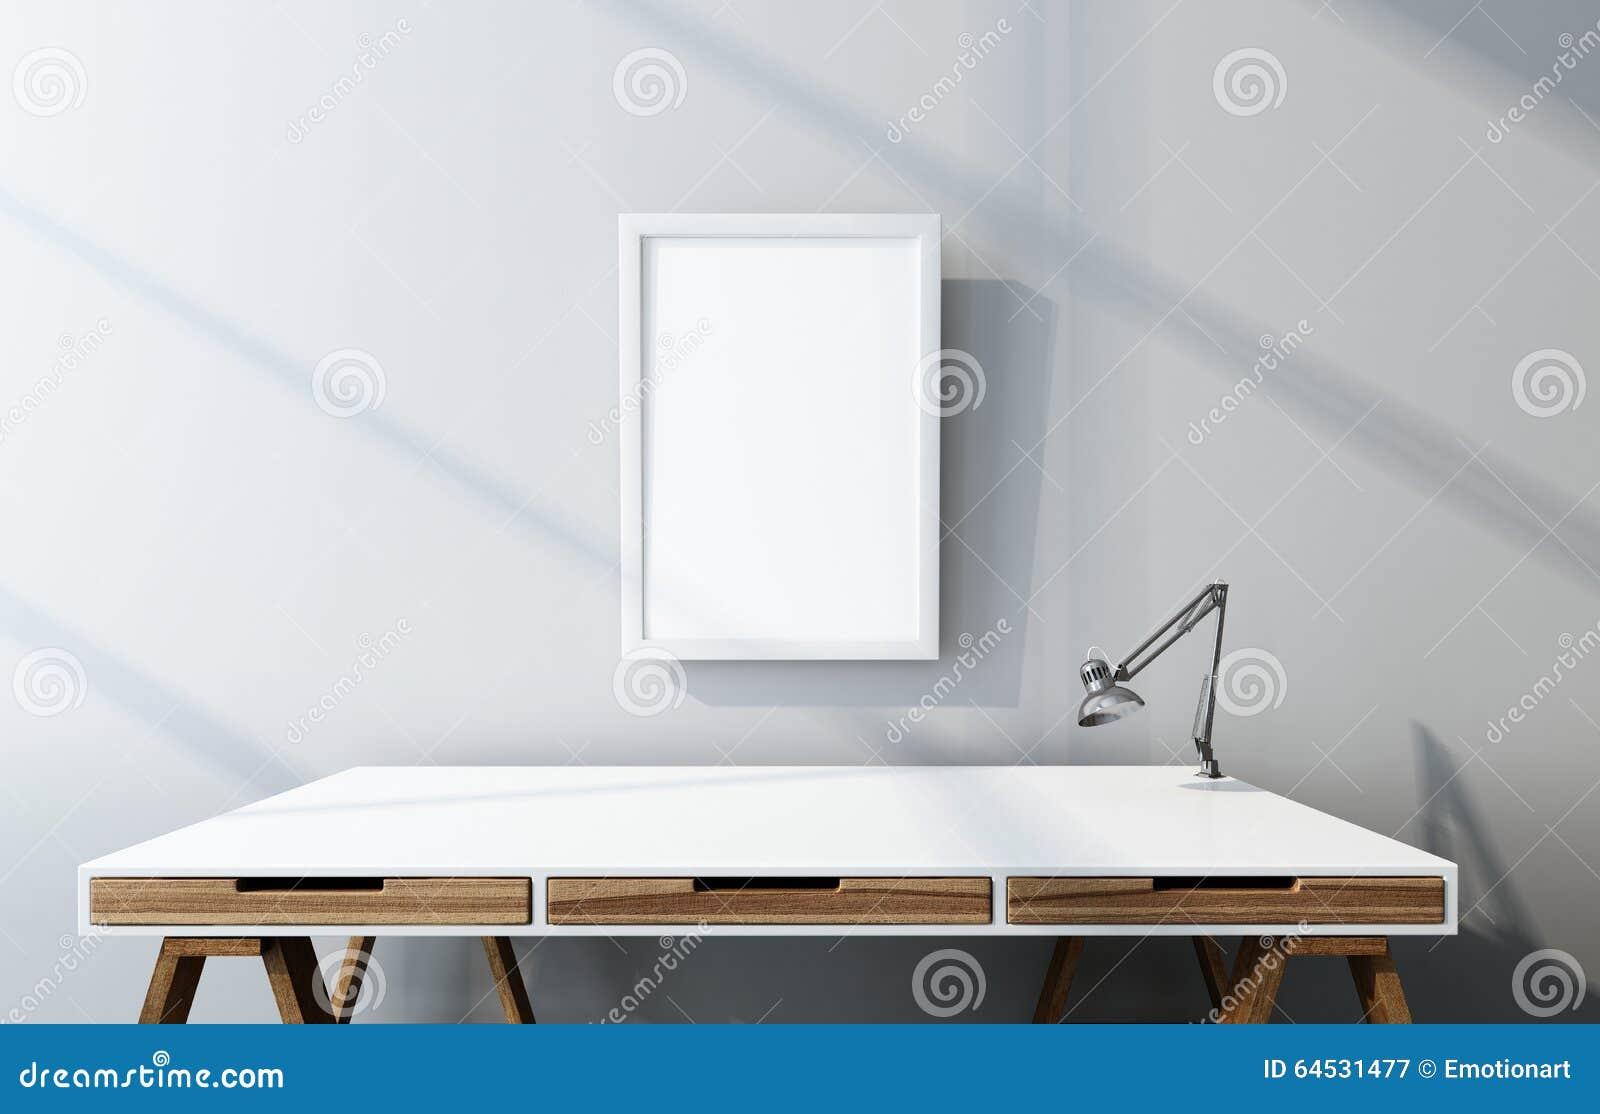 Groß Schreibtisch Bilderrahmen Zeitgenössisch - Benutzerdefinierte ...